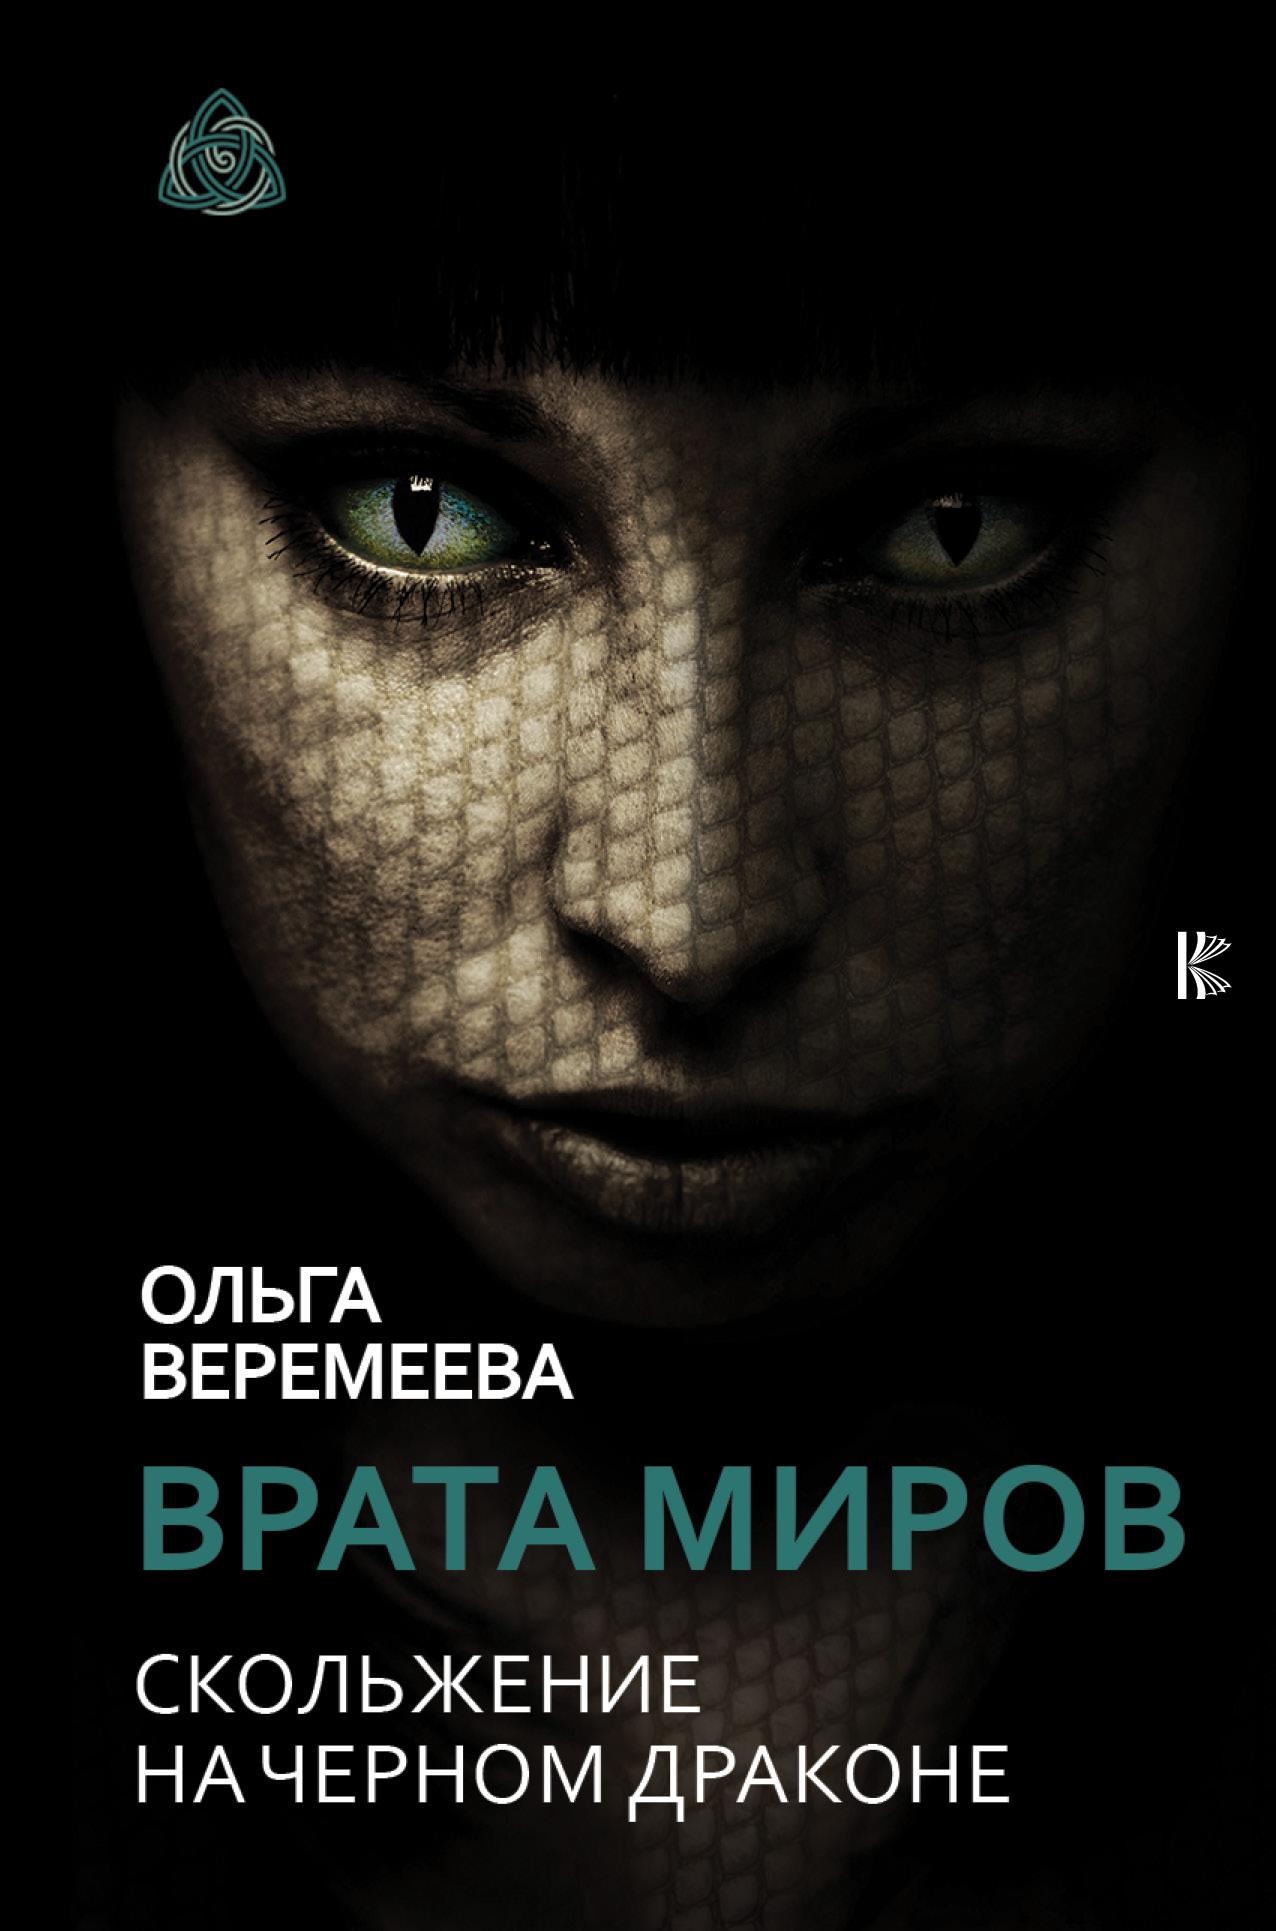 Ольга Веремеева Врата миров. Скольжение на Черном Драконе